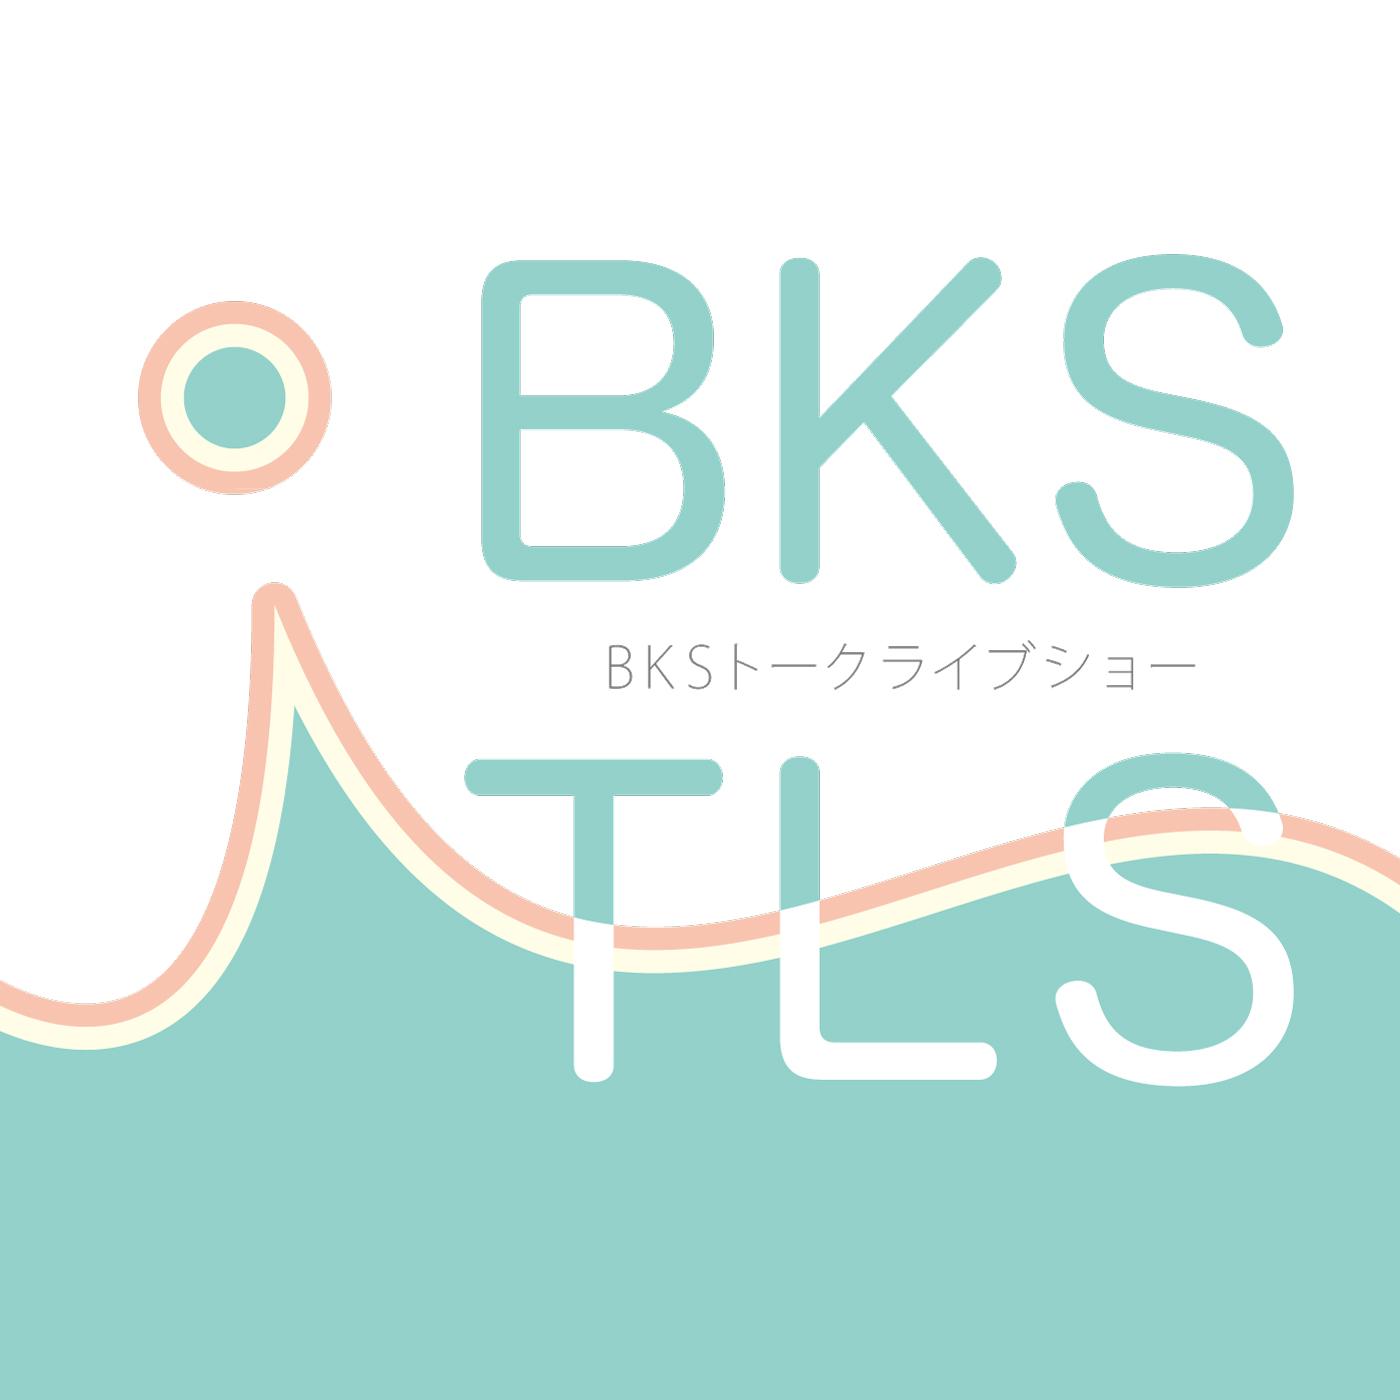 BKSTLS vol.018 ケン・ミルハウス師 (ボストン日本語キリスト教会牧師)